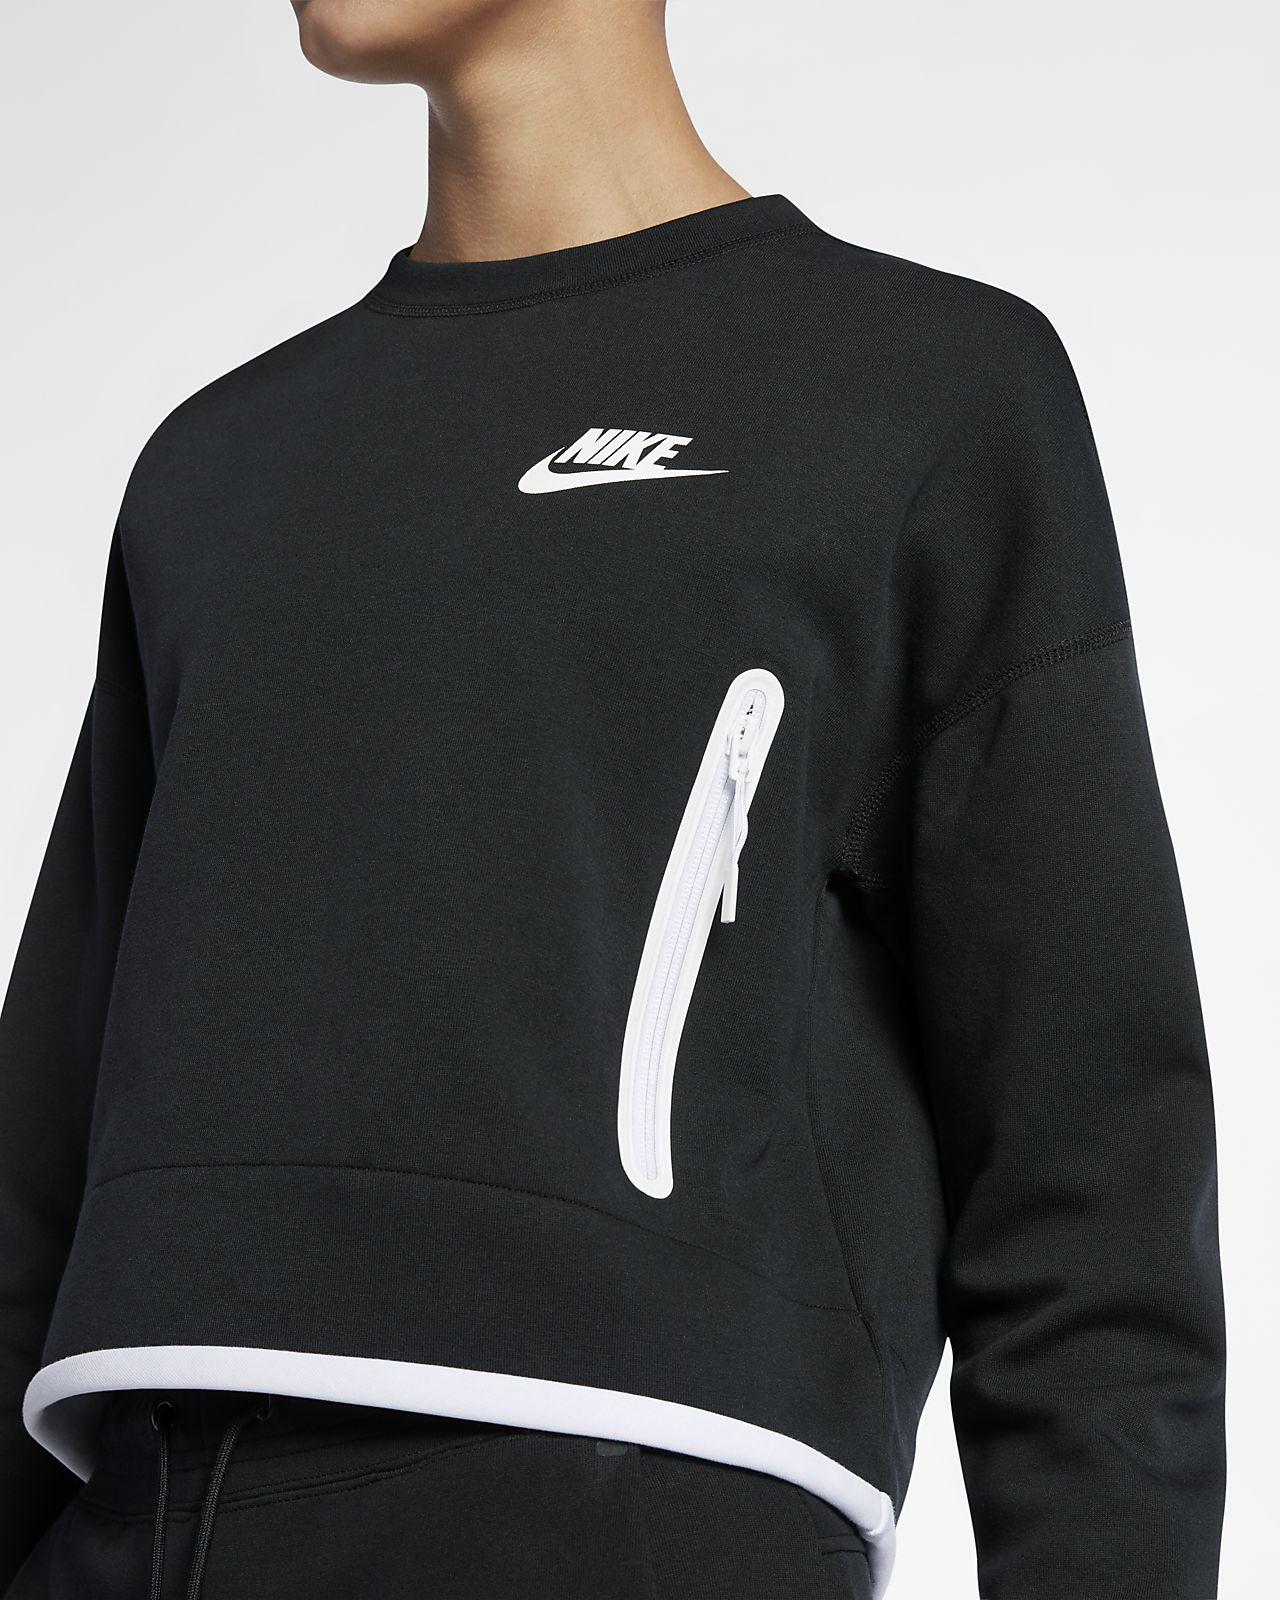 9e6a12d81 Nike Sportswear Tech Fleece Women's Crew. Nike.com